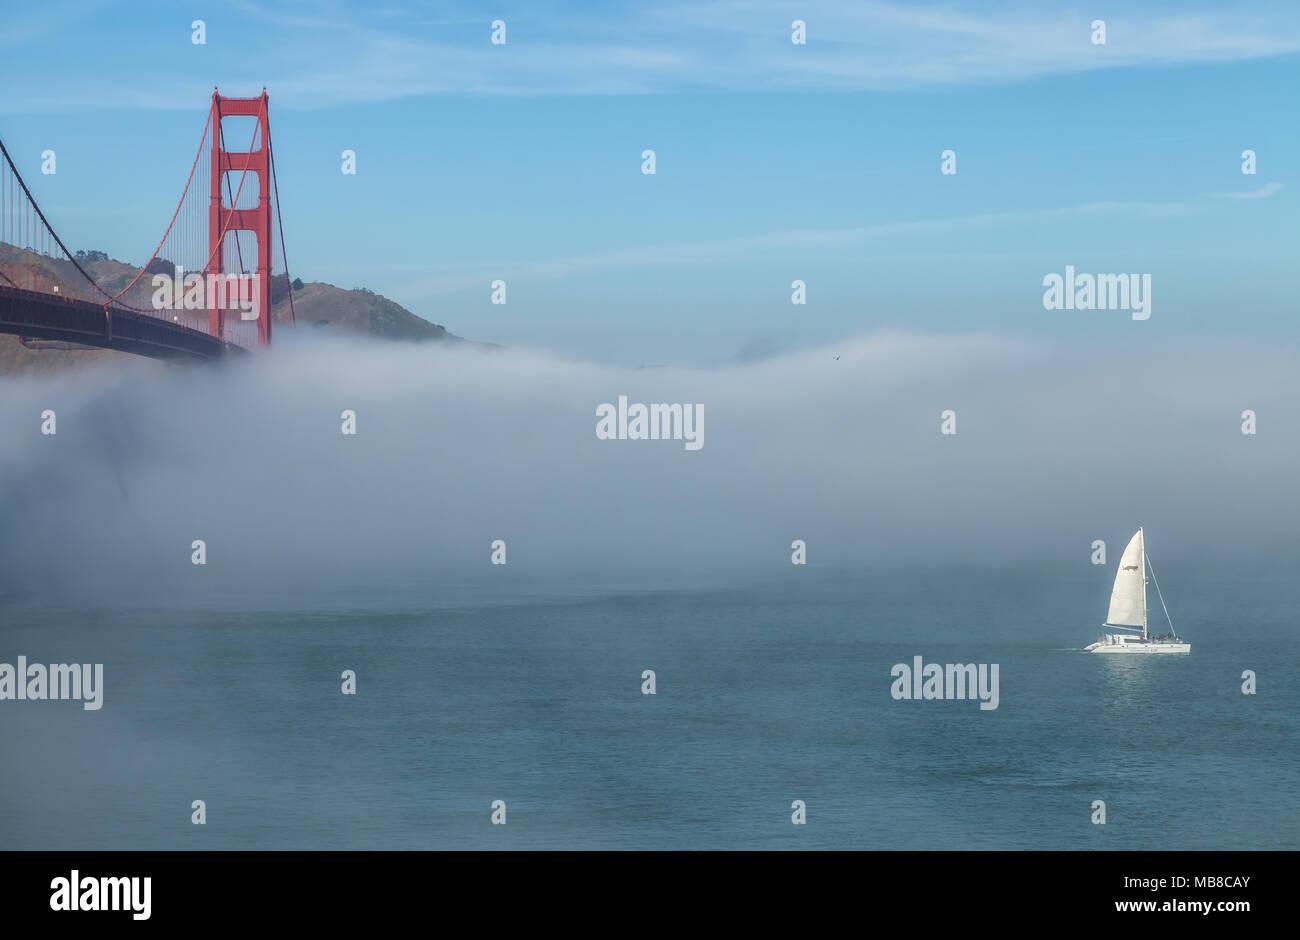 Nebel unter der Golden Gate Bridge und der San Francisco Bay, Kalifornien, USA, auf einem frühen Frühling Morgen gebildet. Stockbild